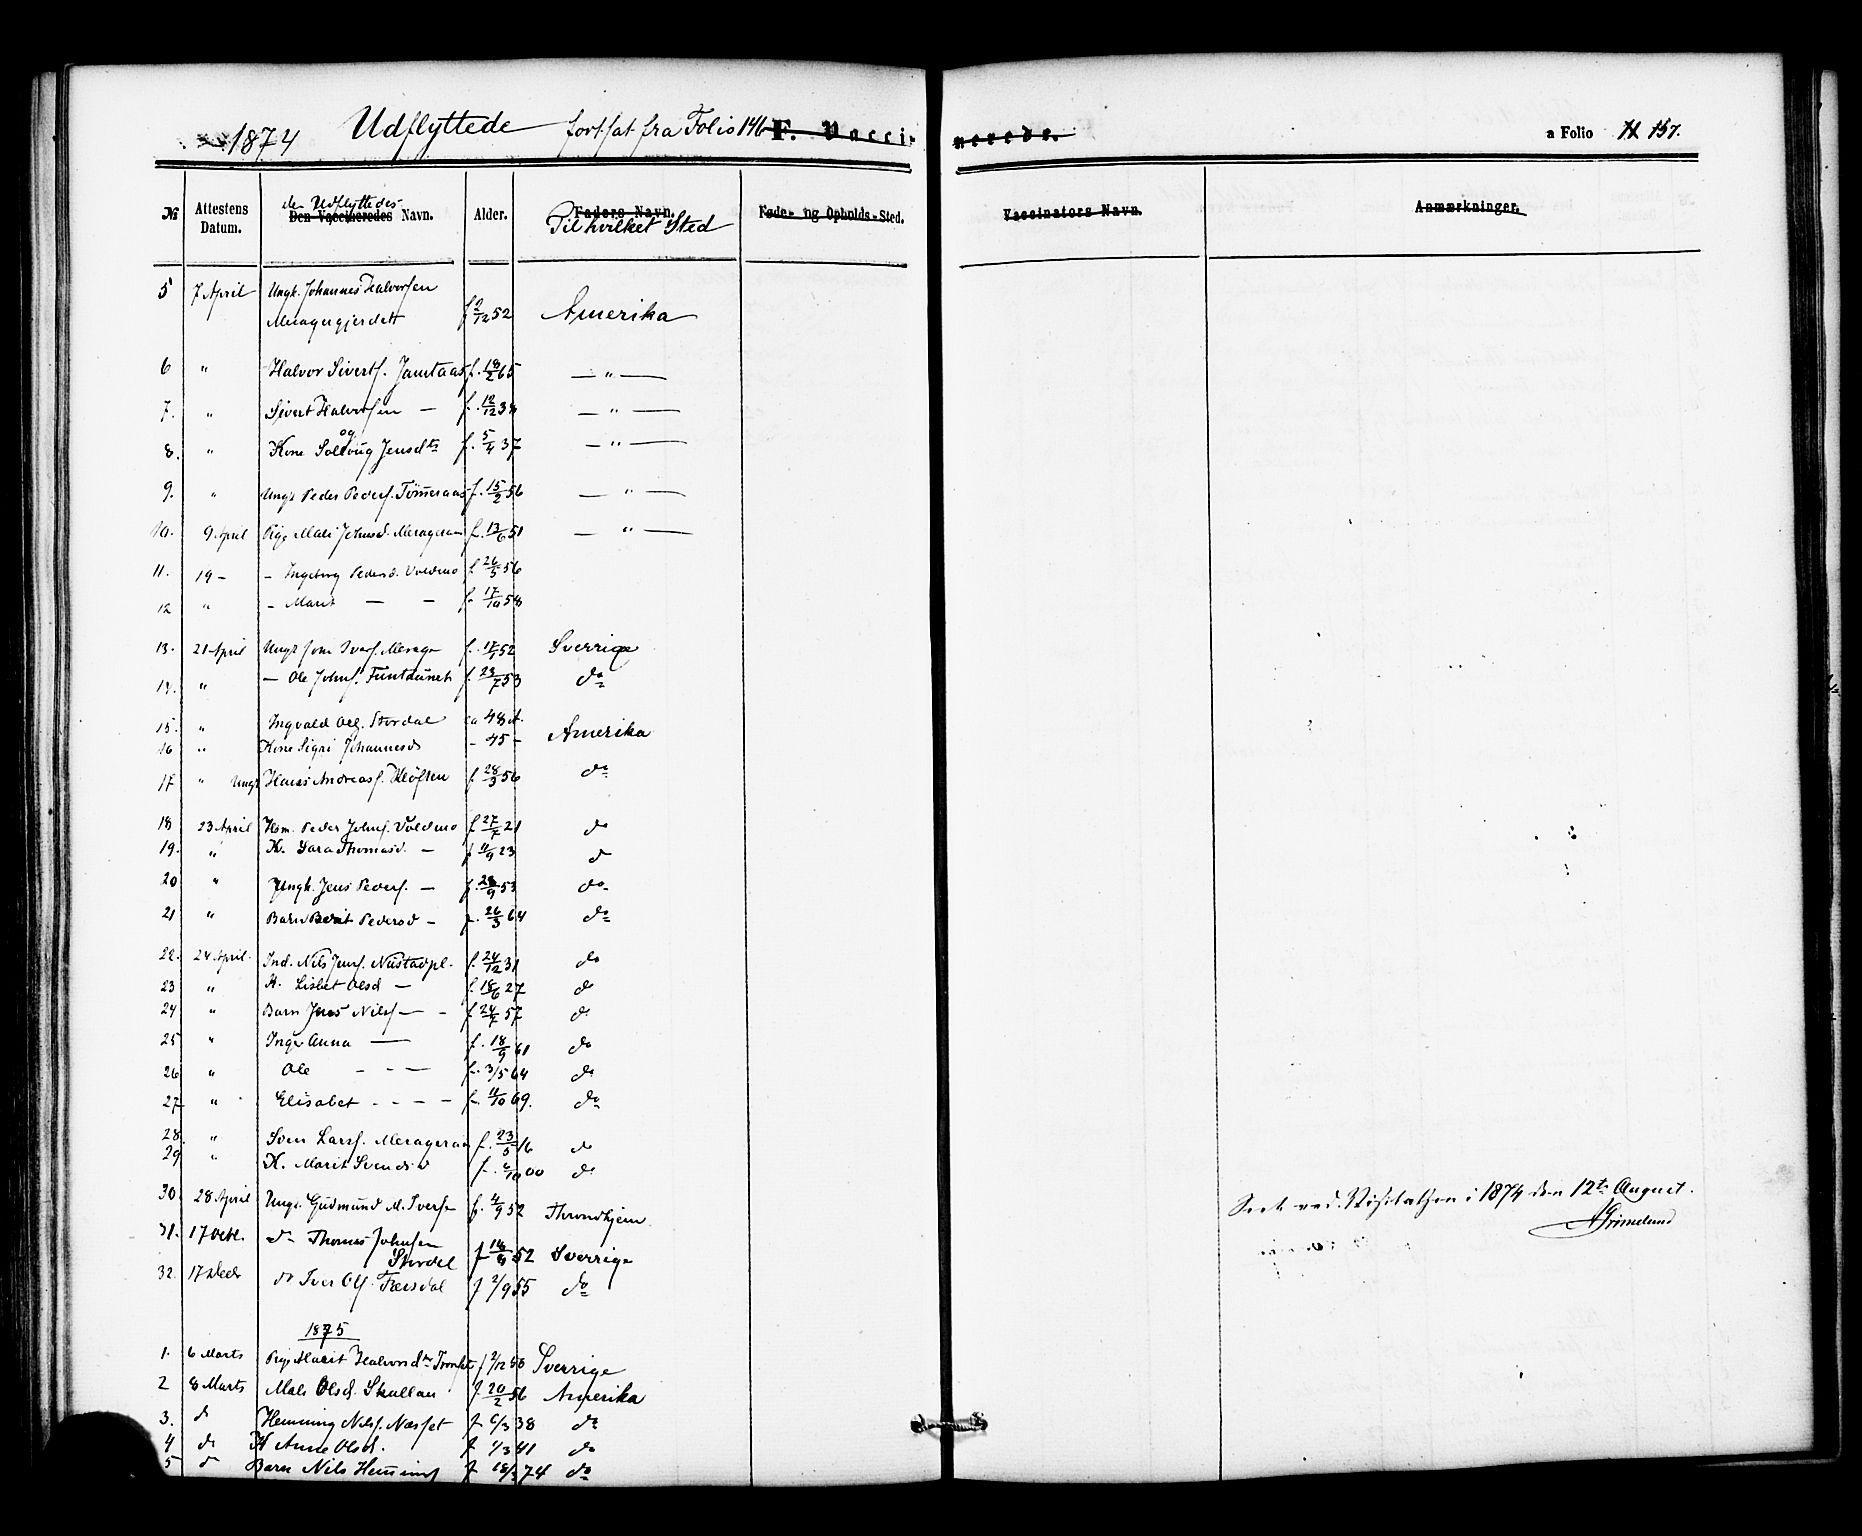 SAT, Ministerialprotokoller, klokkerbøker og fødselsregistre - Nord-Trøndelag, 706/L0041: Ministerialbok nr. 706A02, 1862-1877, s. 157